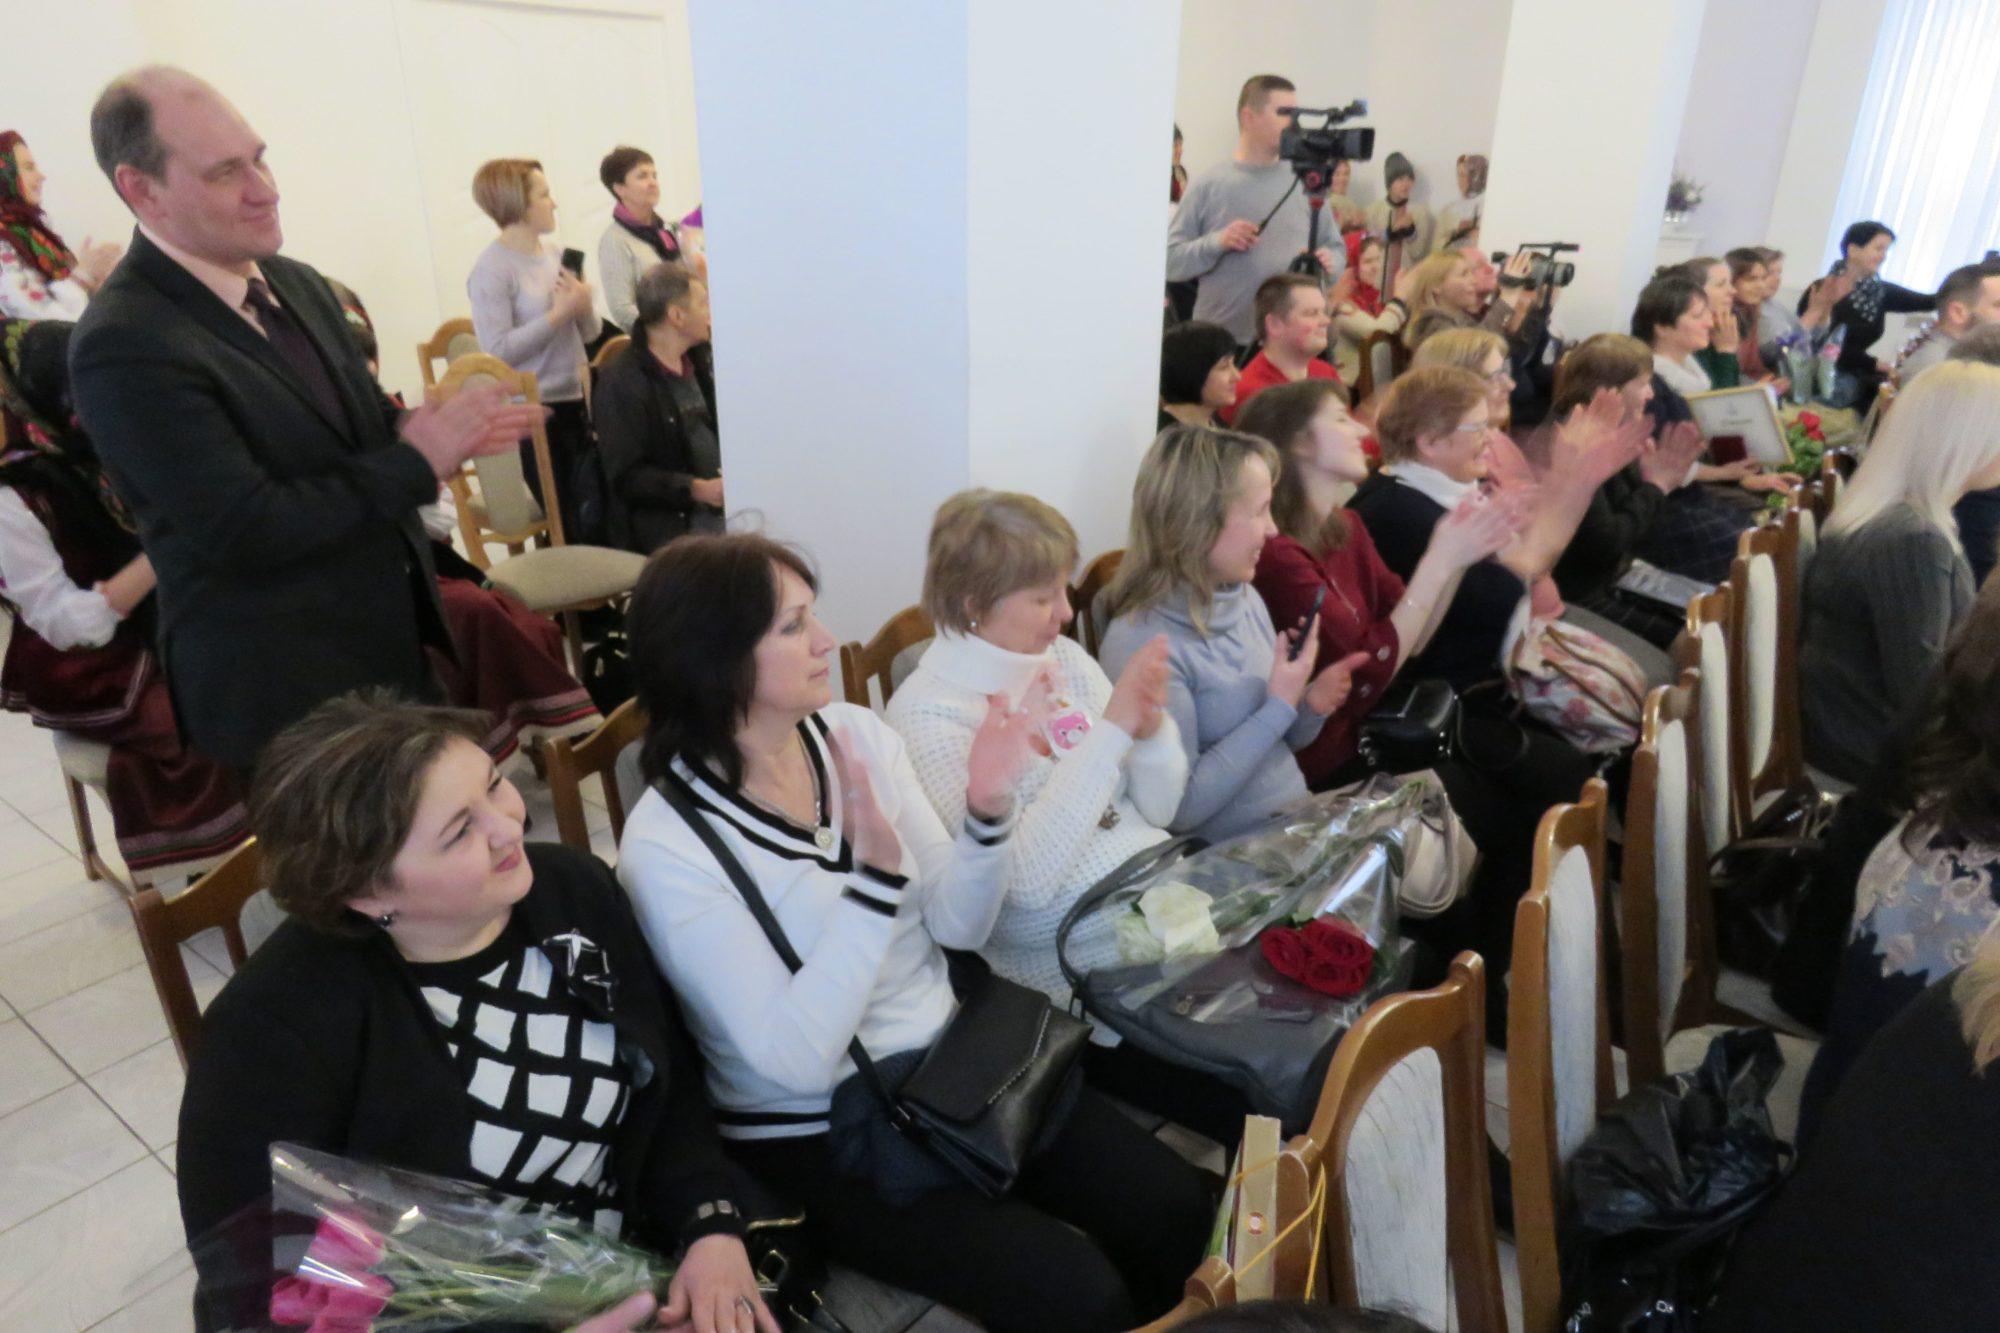 Нагородили найкращих: у Білій Церкві вручили літературно-мистецькі премії - Нагородження - imgbig 3 1 2000x1333